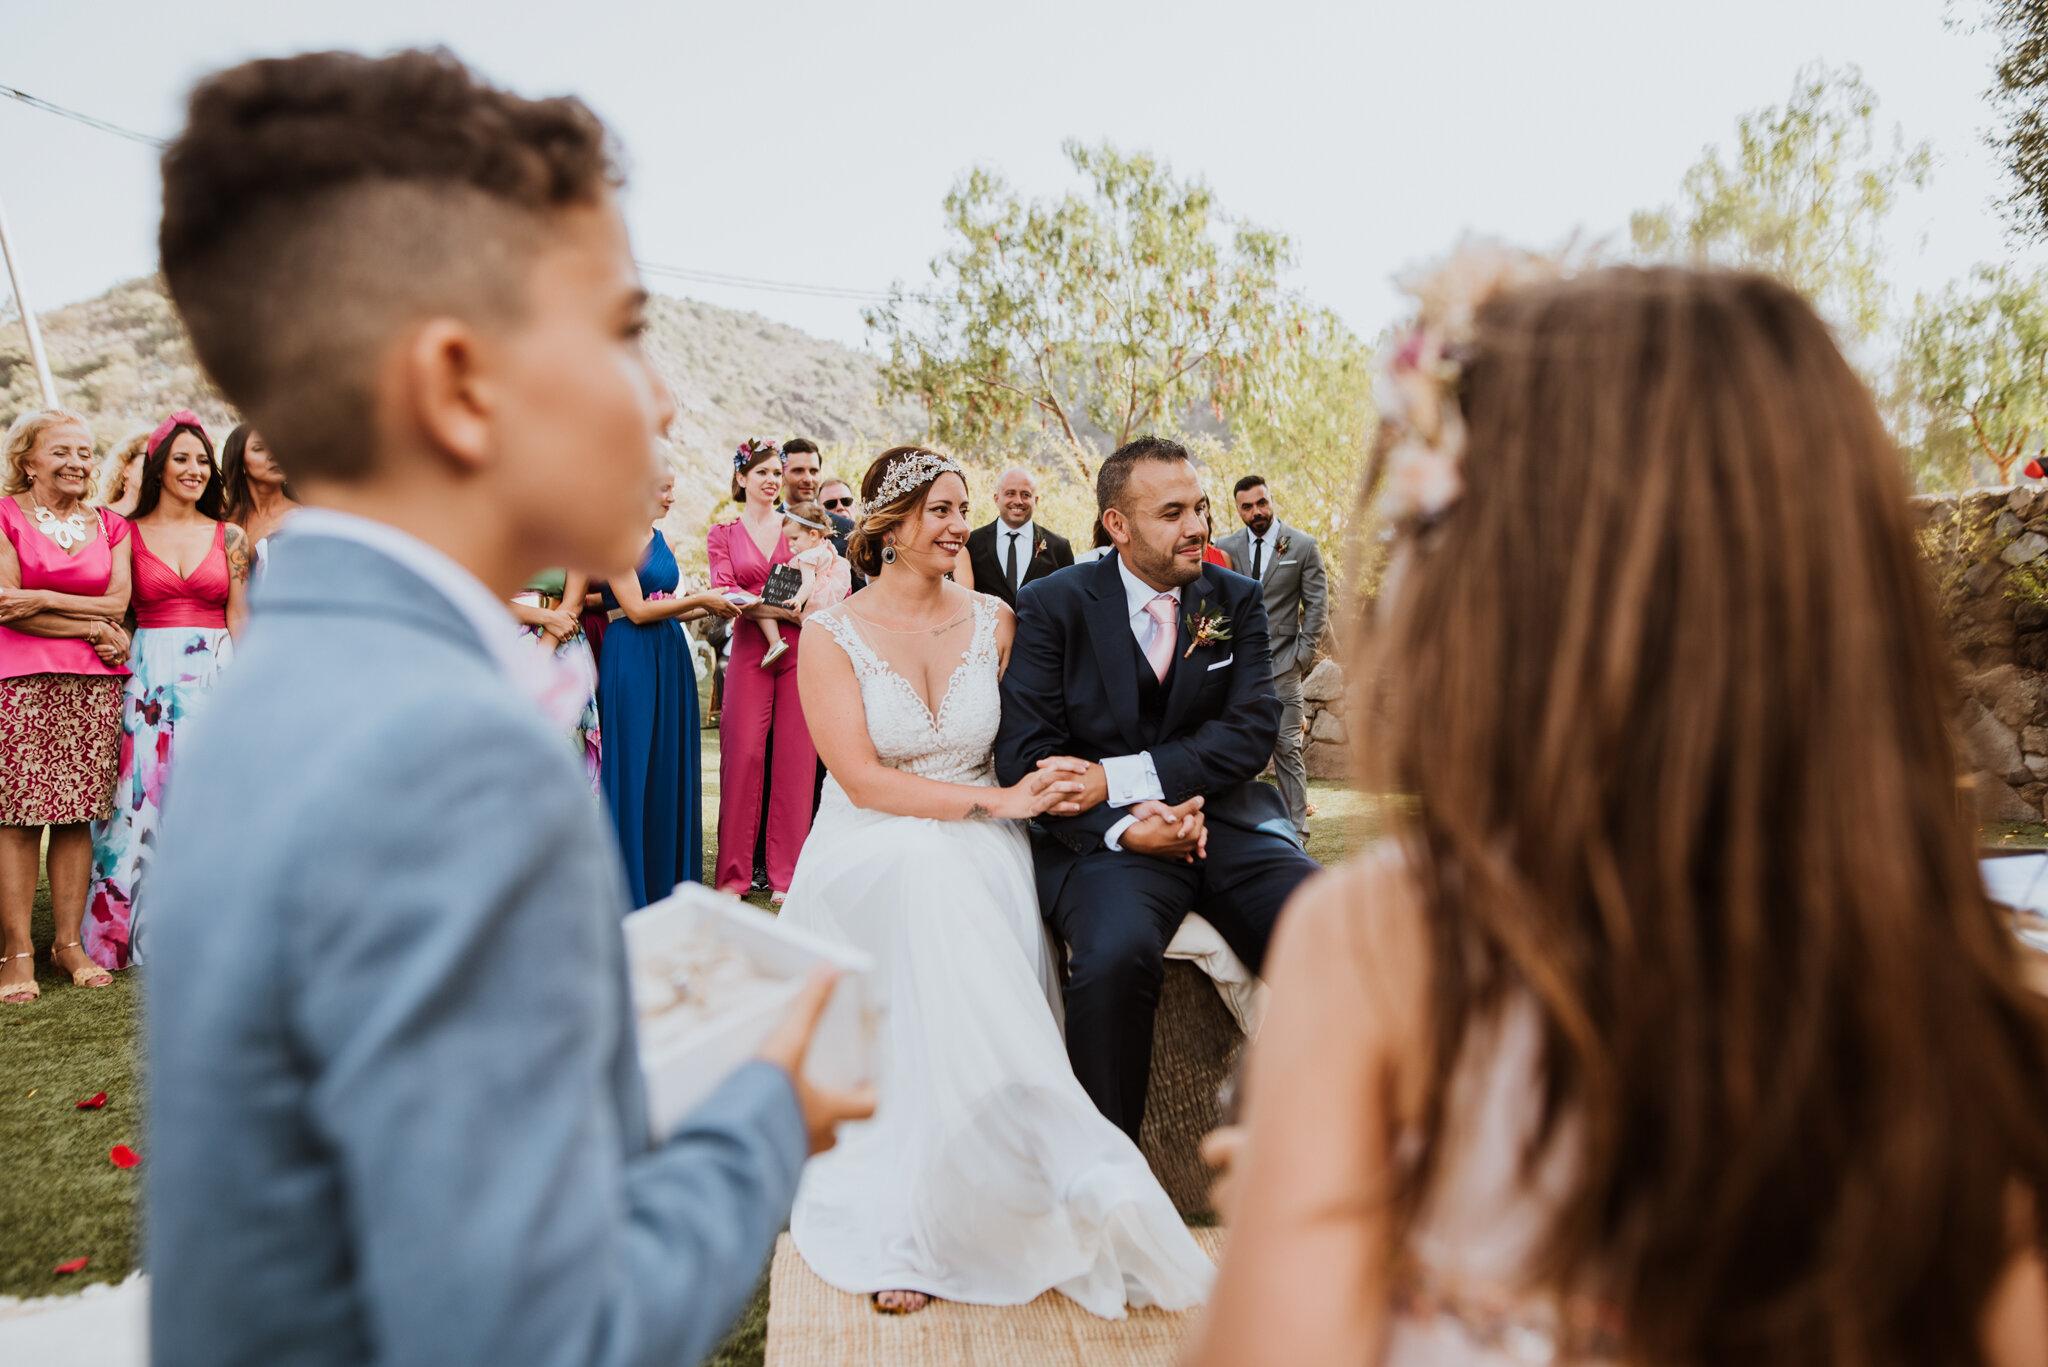 fotografo de bodas las palmas_-55.jpg